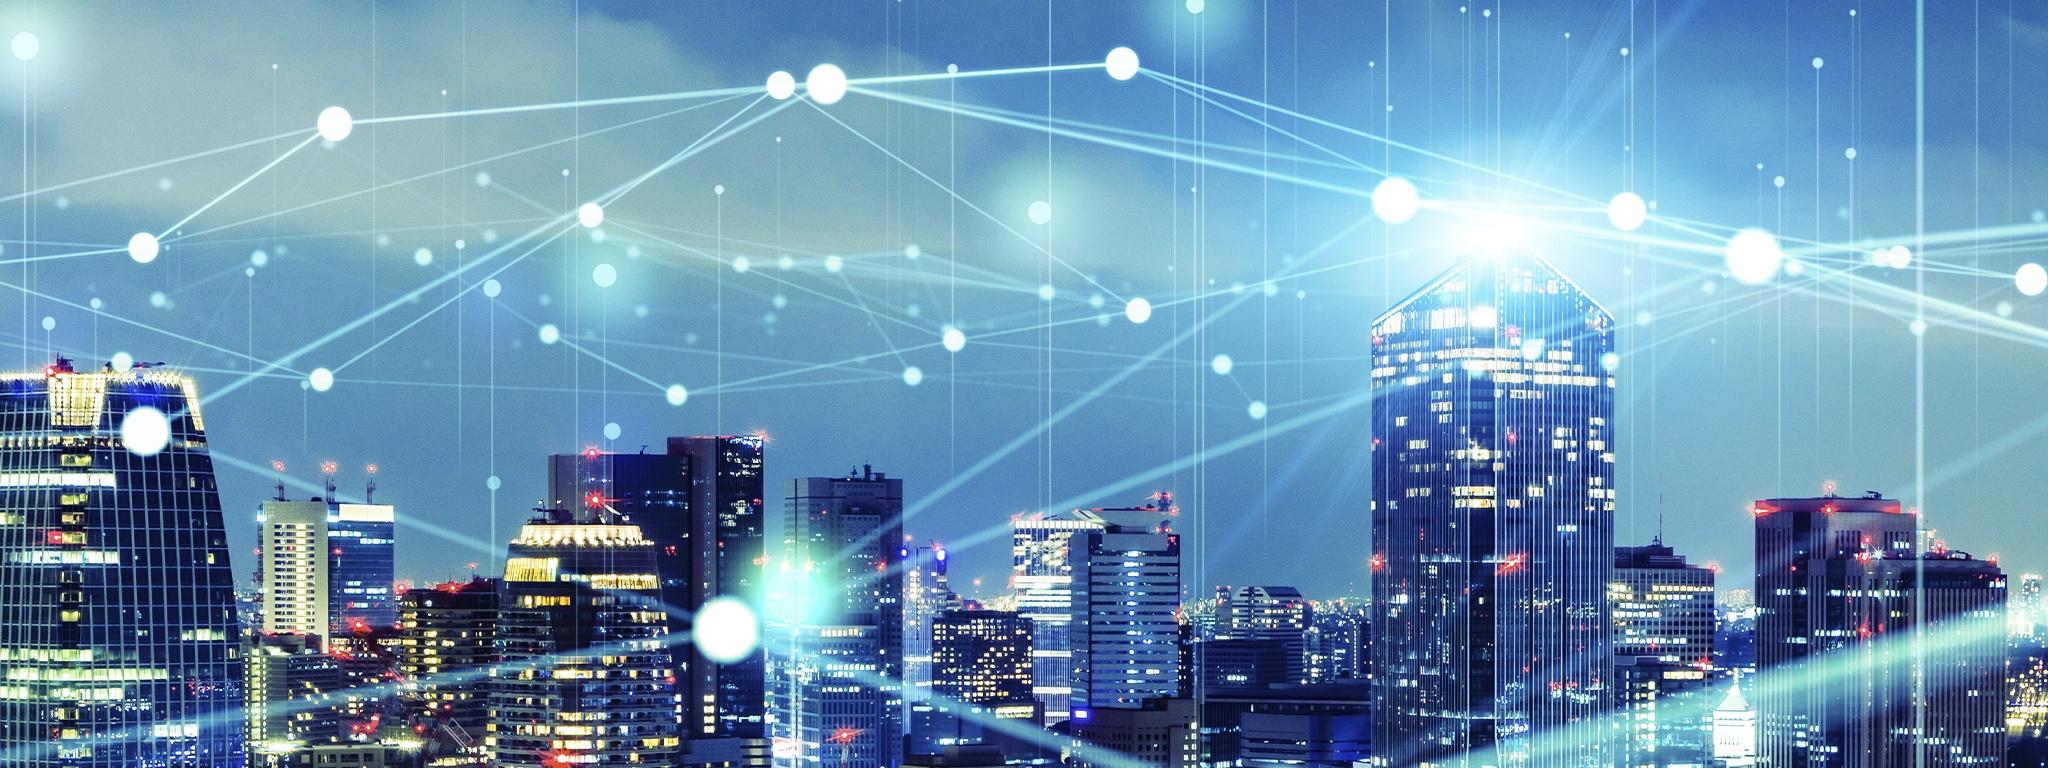 paisaje urbano inteligente con red de comunicaciones de líneas de IoT conectando la ciudad